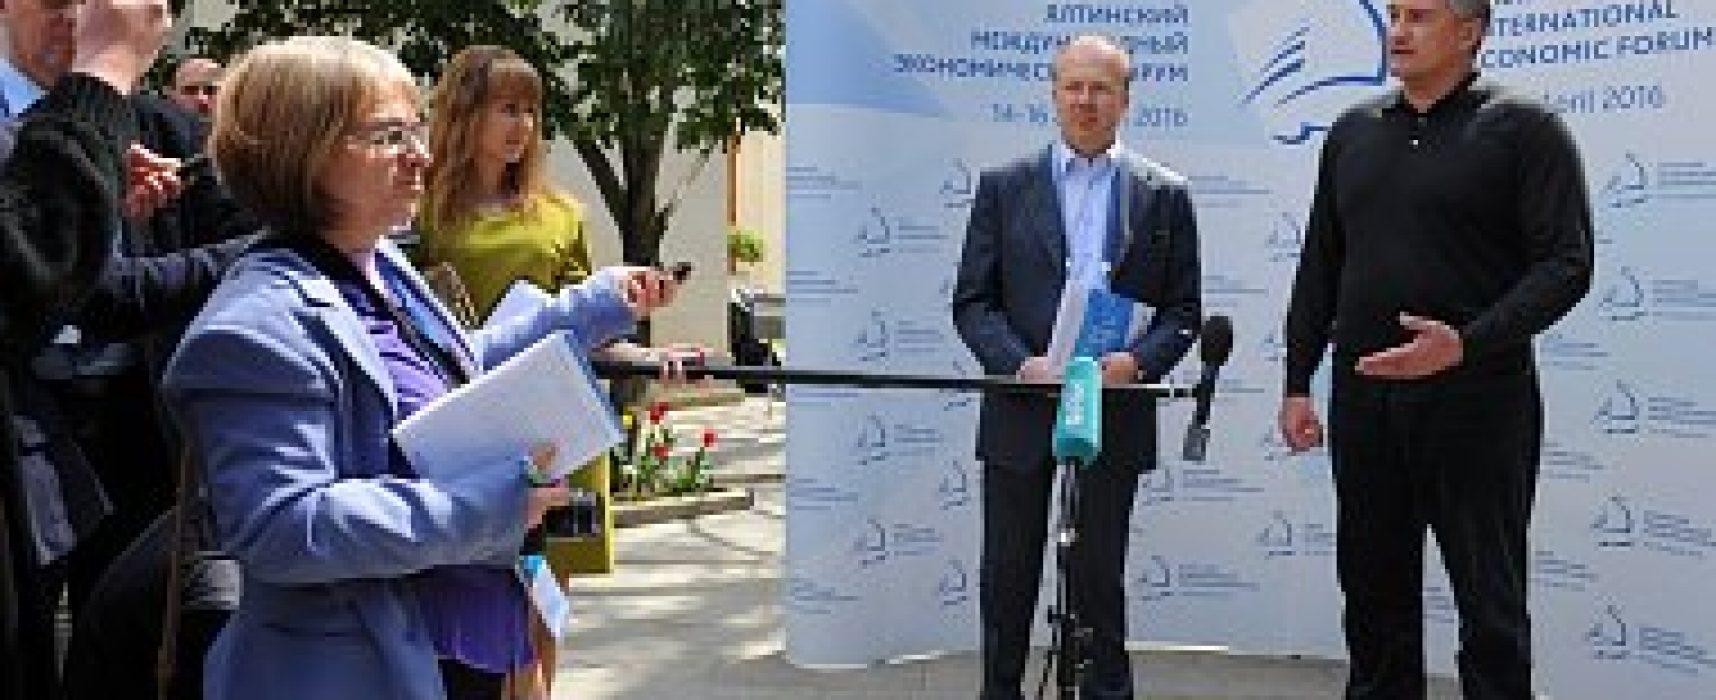 Фрики и марионетки: кого Путин собрал на форум в Крыму